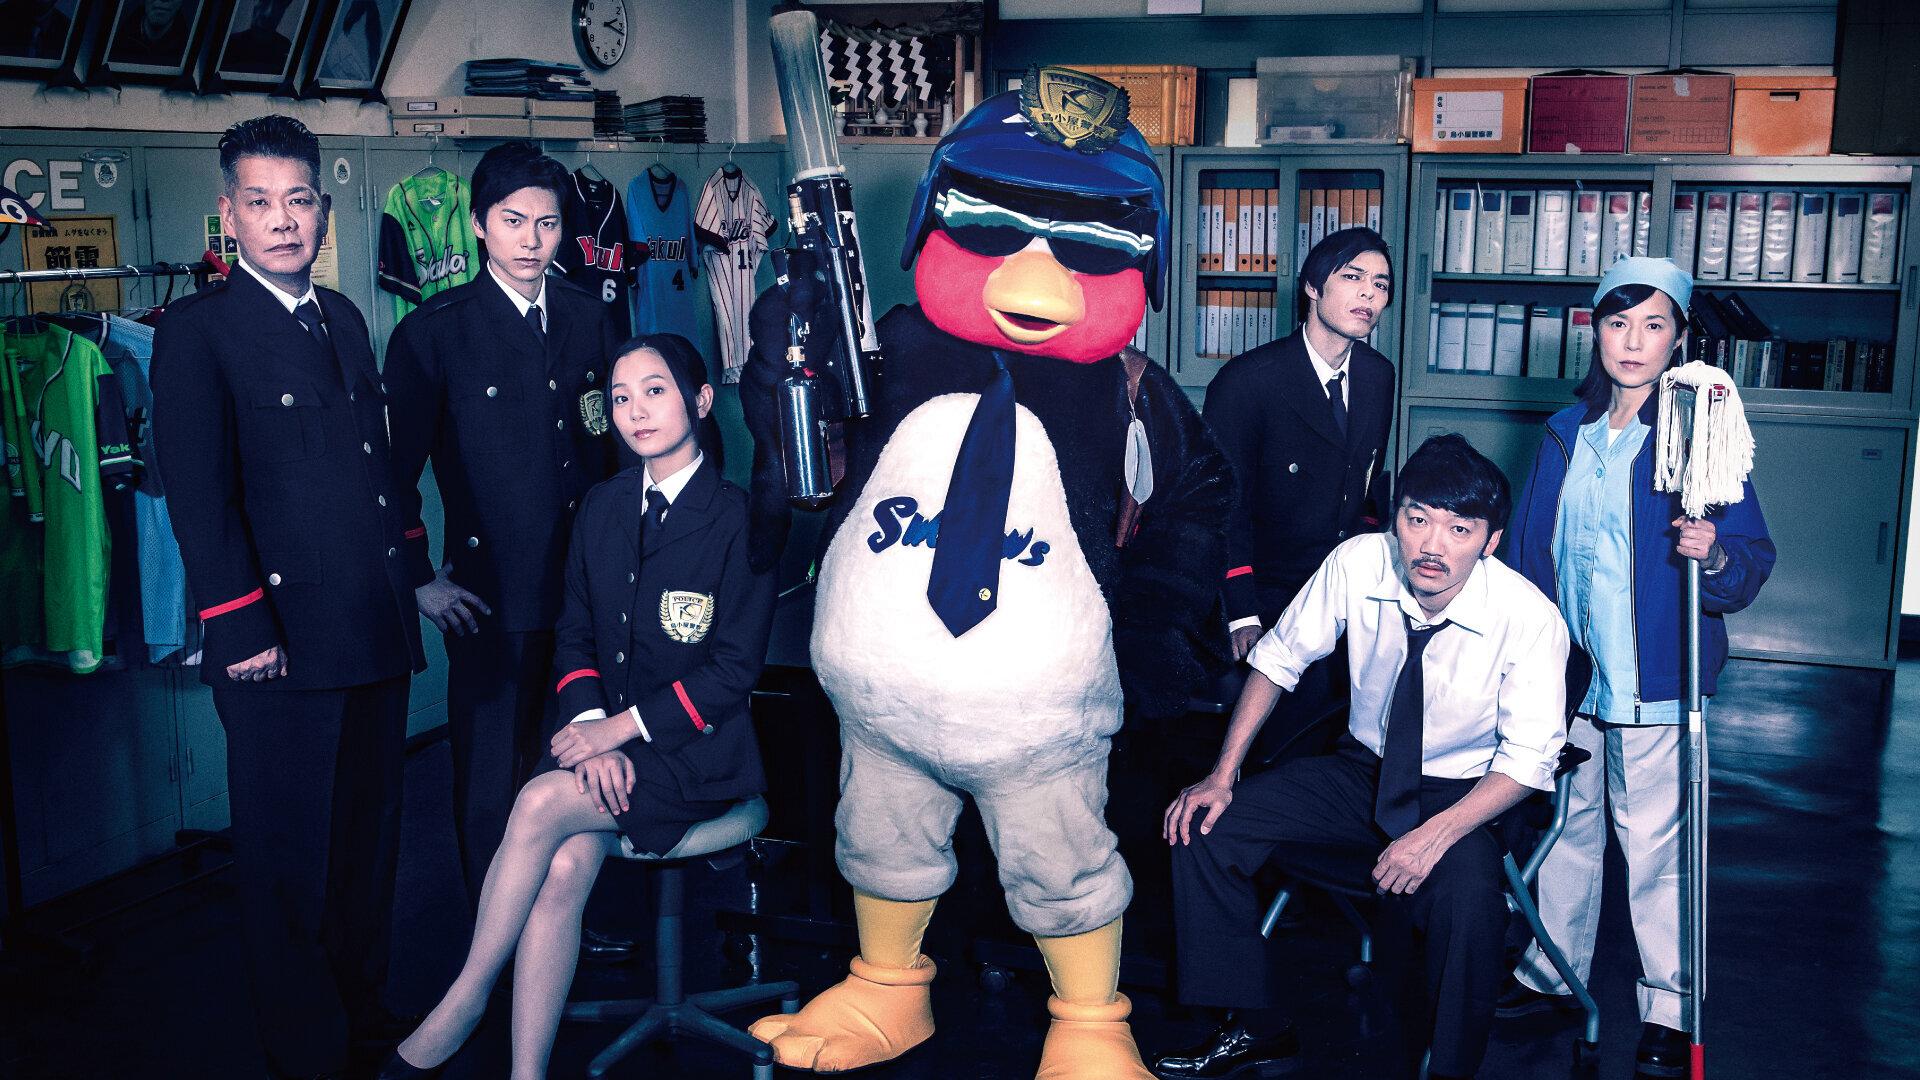 「つばめ刑事」のキャストが発表。トリプルスリー男・山田哲人やドアラなど野球ファン垂涎の内容に